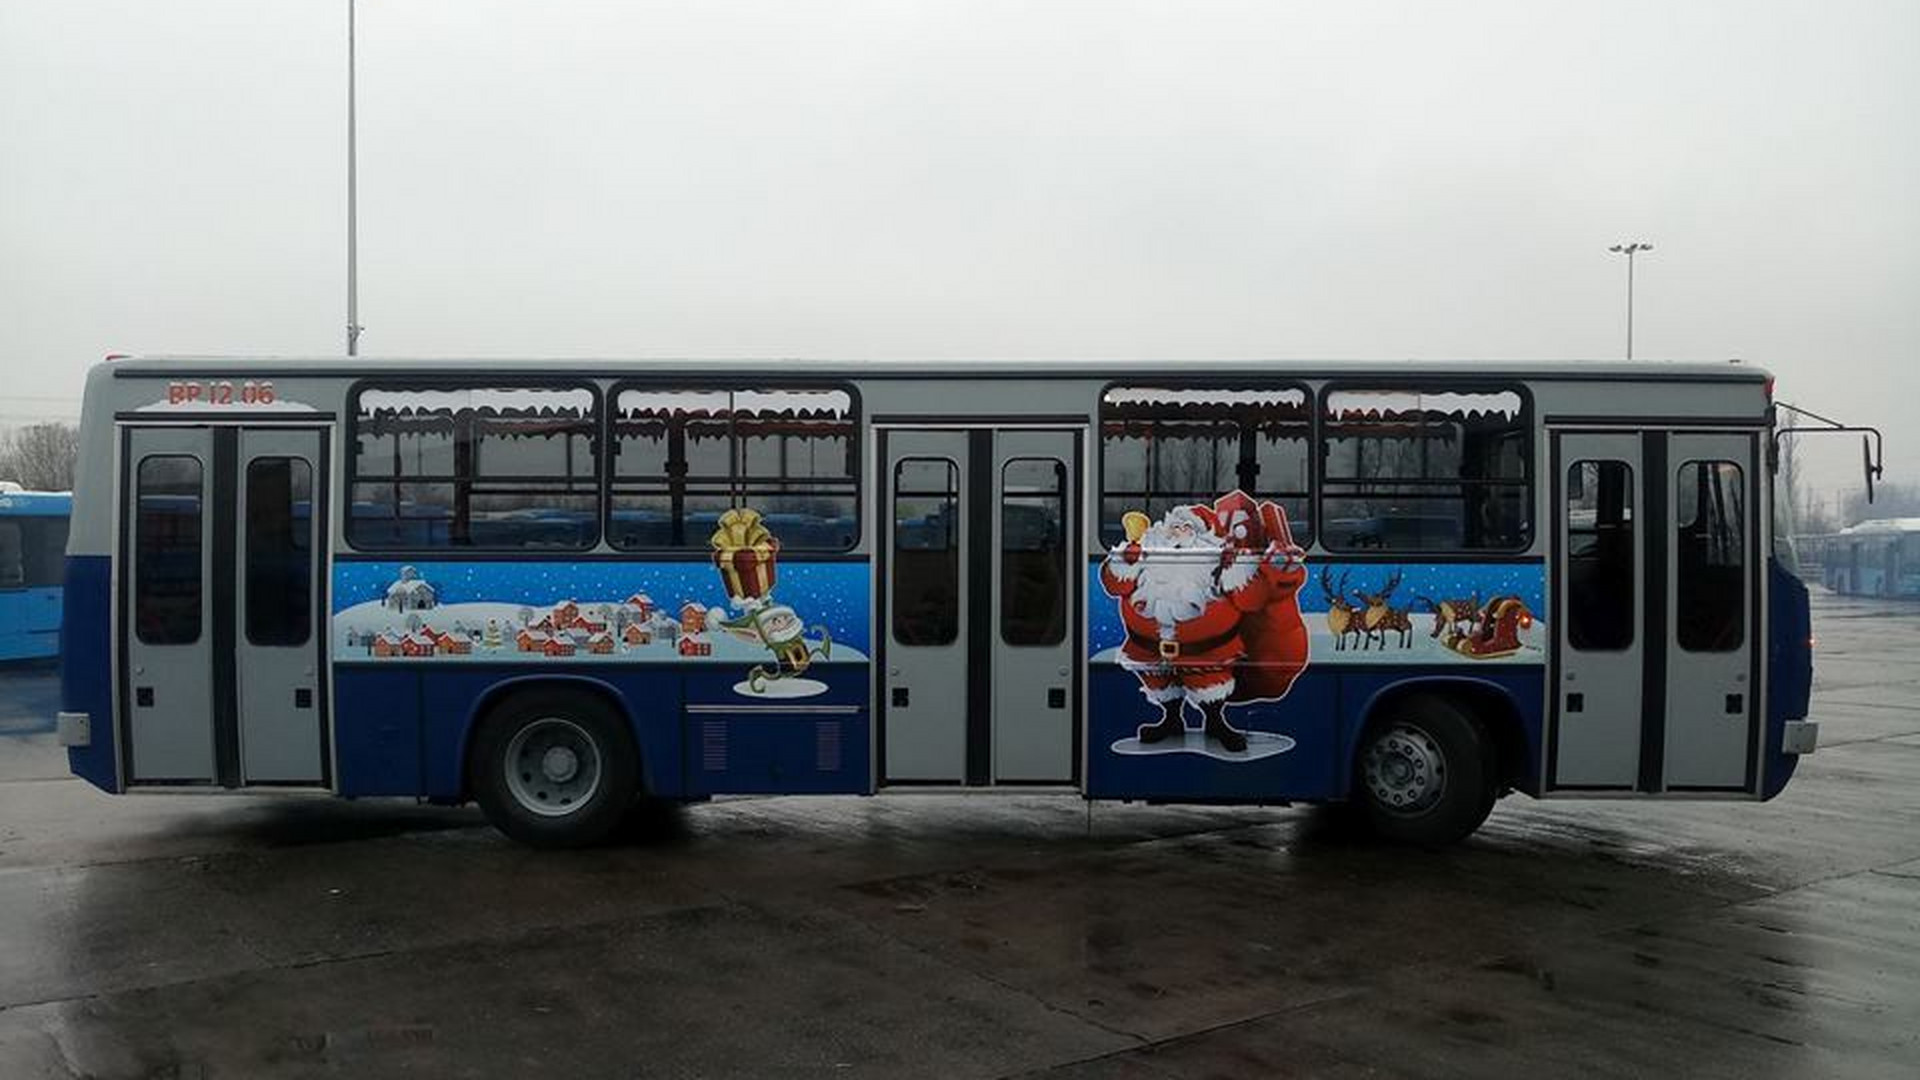 bcbb685536 Holnap indul útjára a karácsonyi BKV busz - Noizz